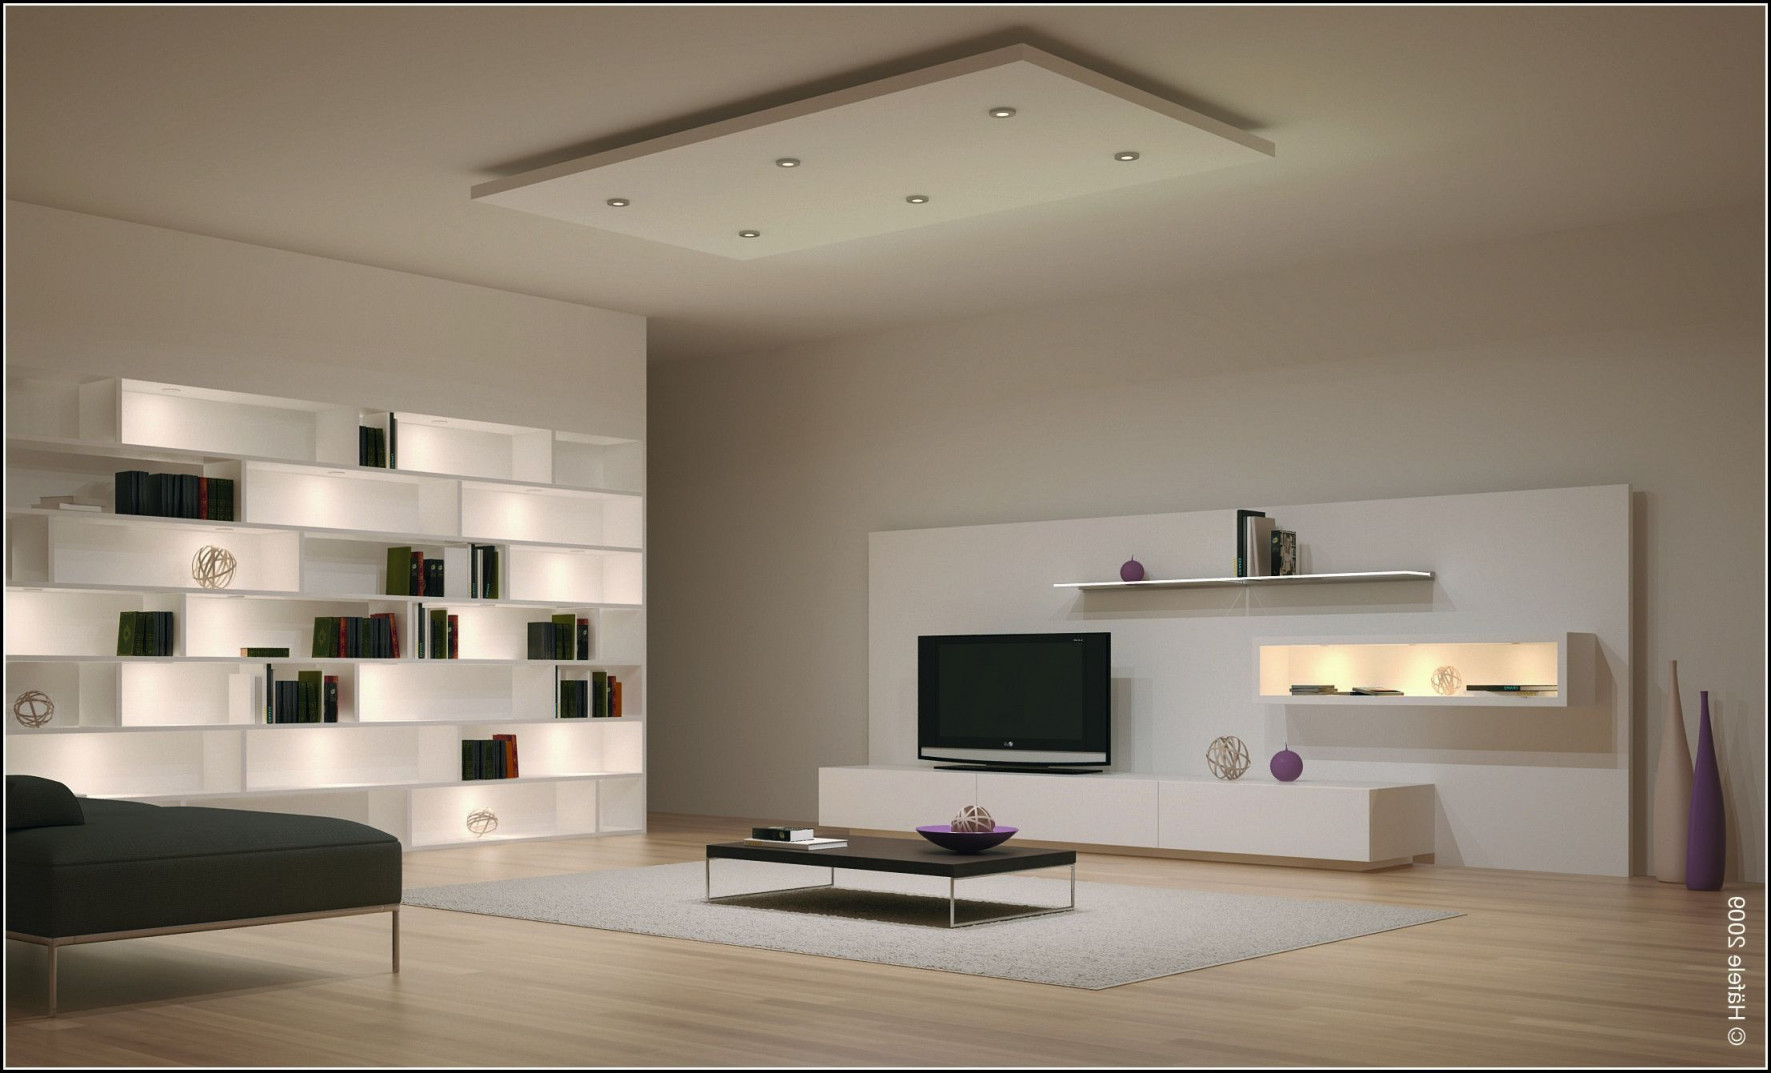 27 Modern Modern Luxuriöses Wohnzimmer Lampe Designideen11 von Wohnzimmer Lampe Modern Photo